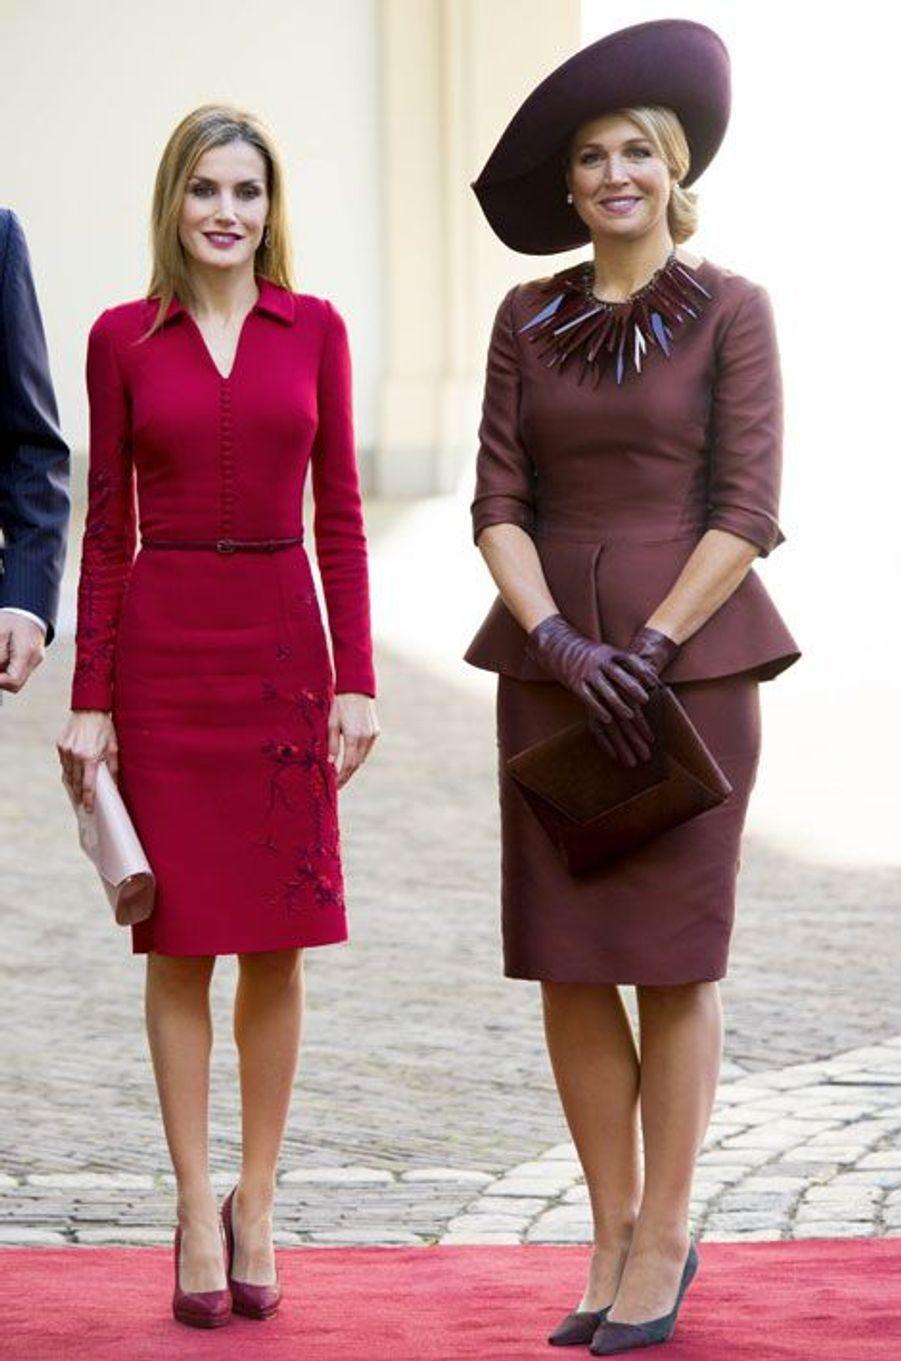 La reine Letizia d'Espagne et la reine Maxima des Pays-Bas, le 15 octobre 2014 à La Haye